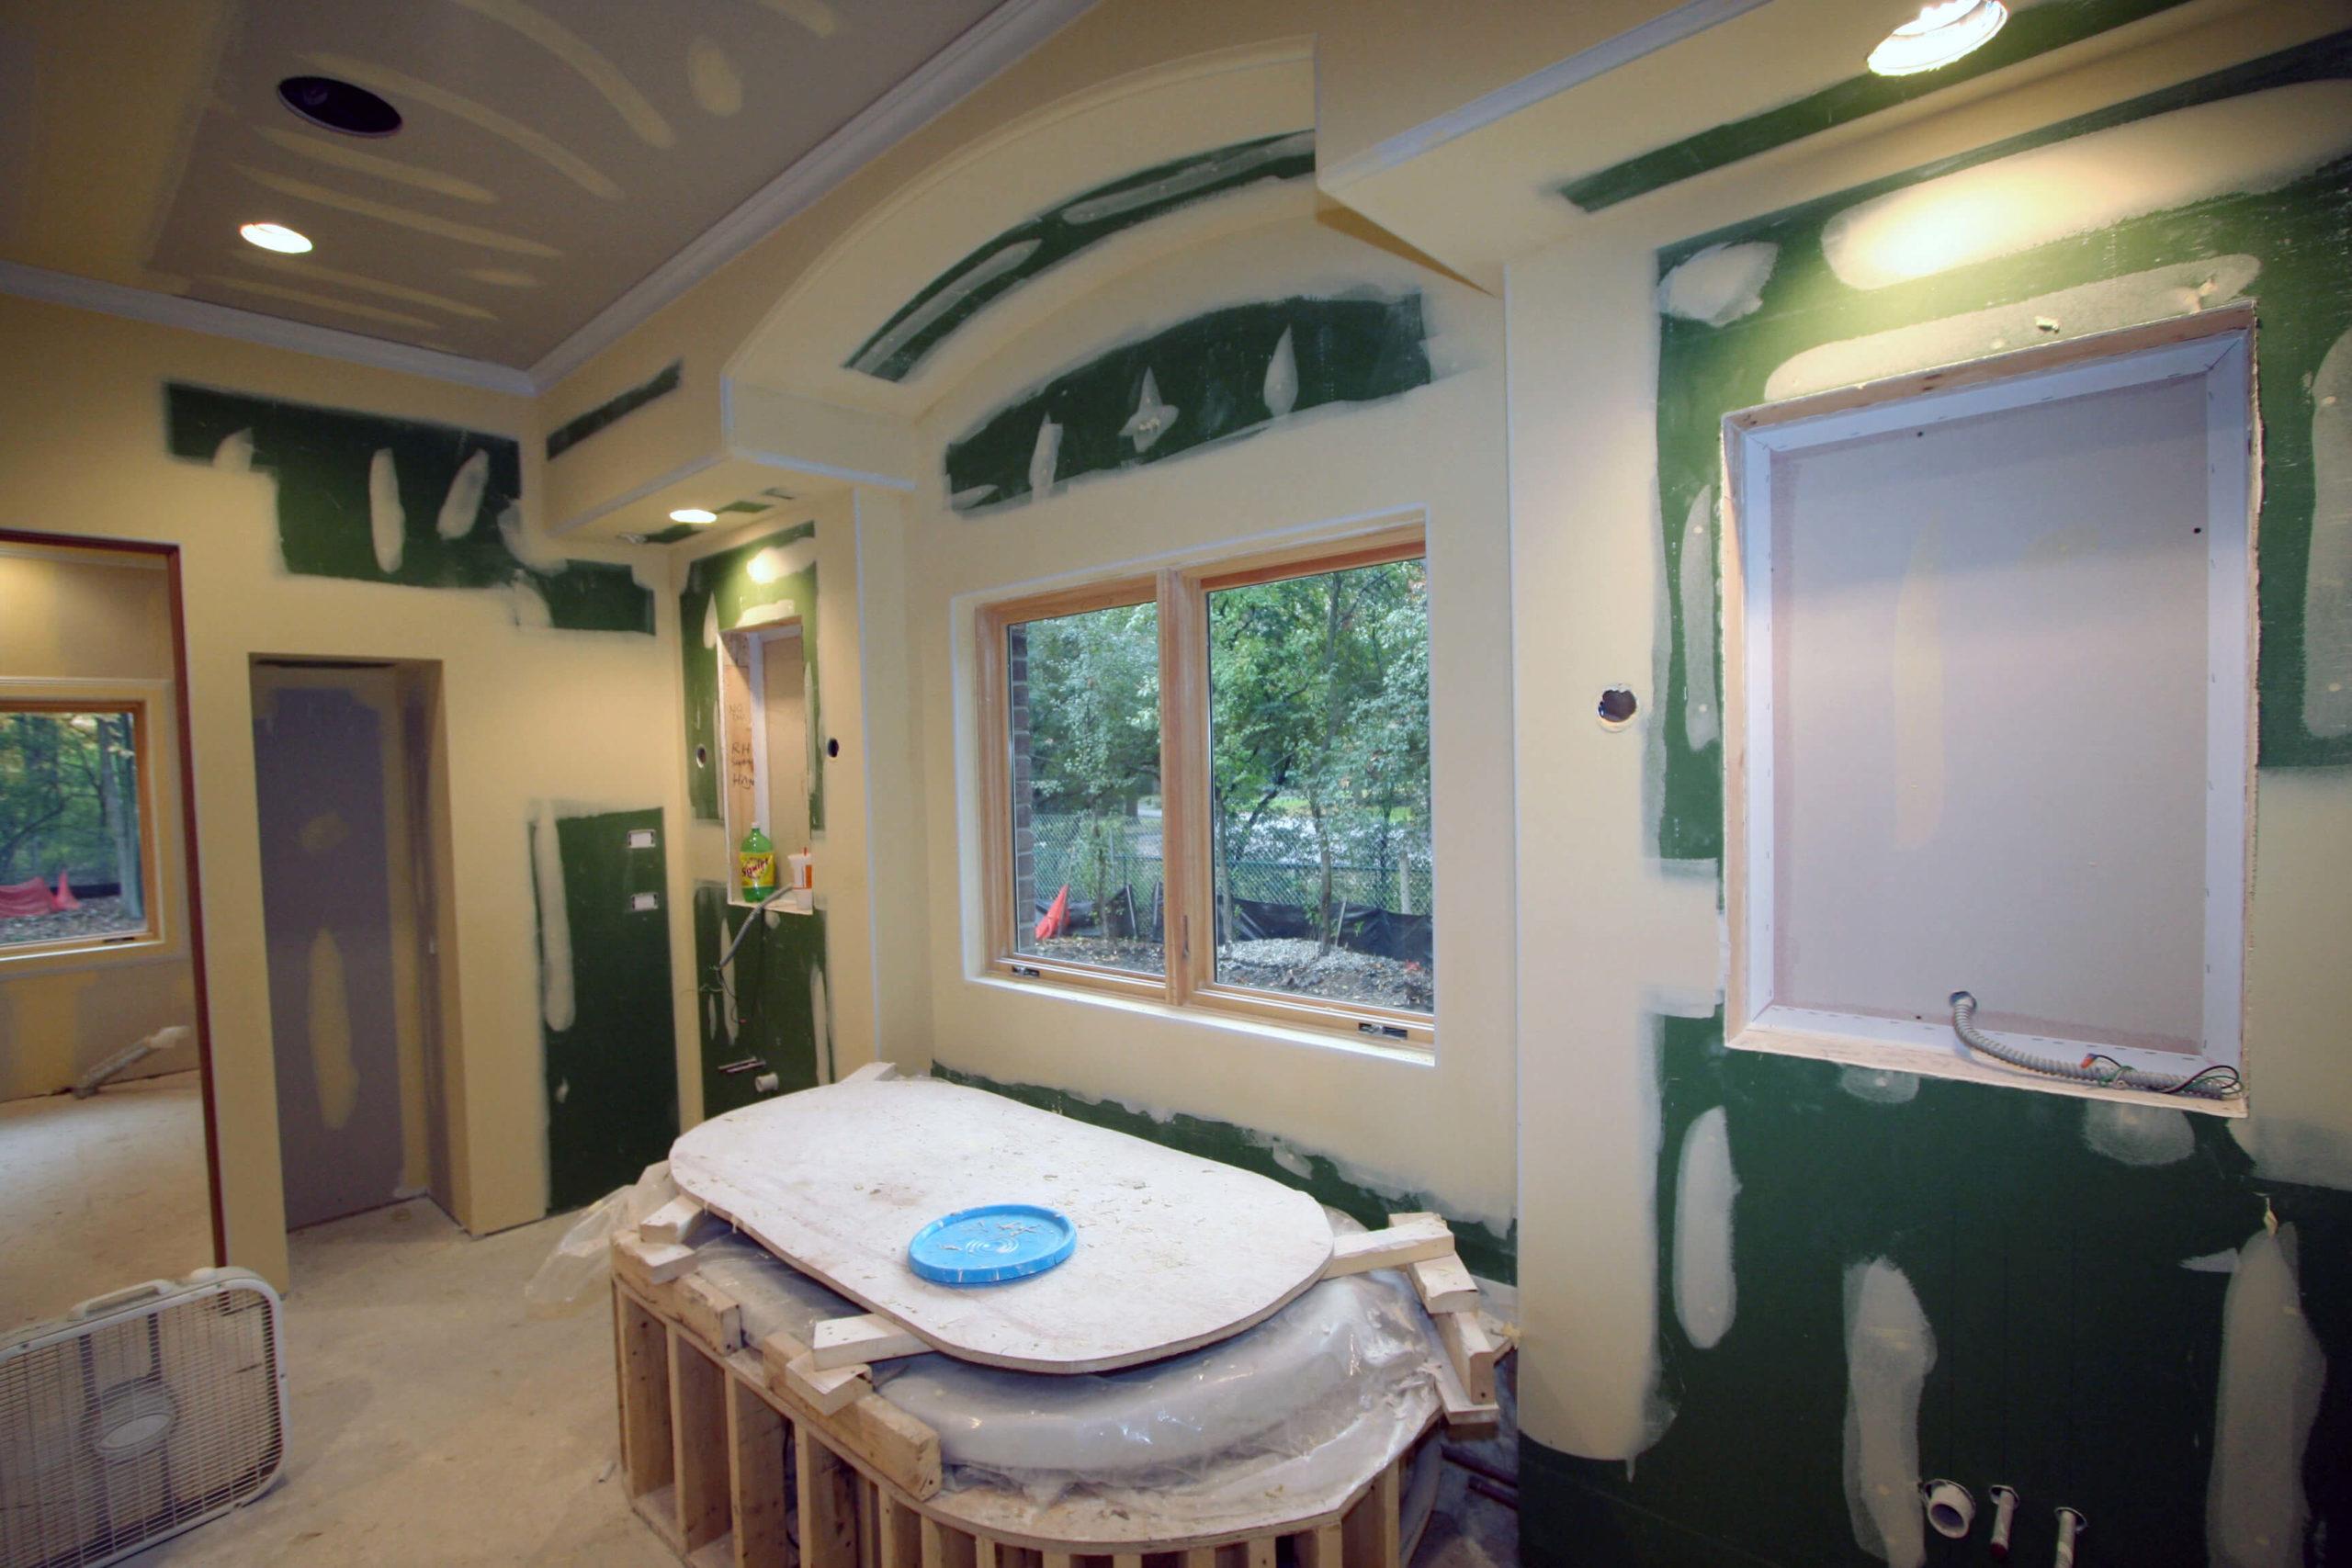 Bathroom_Greenboard2